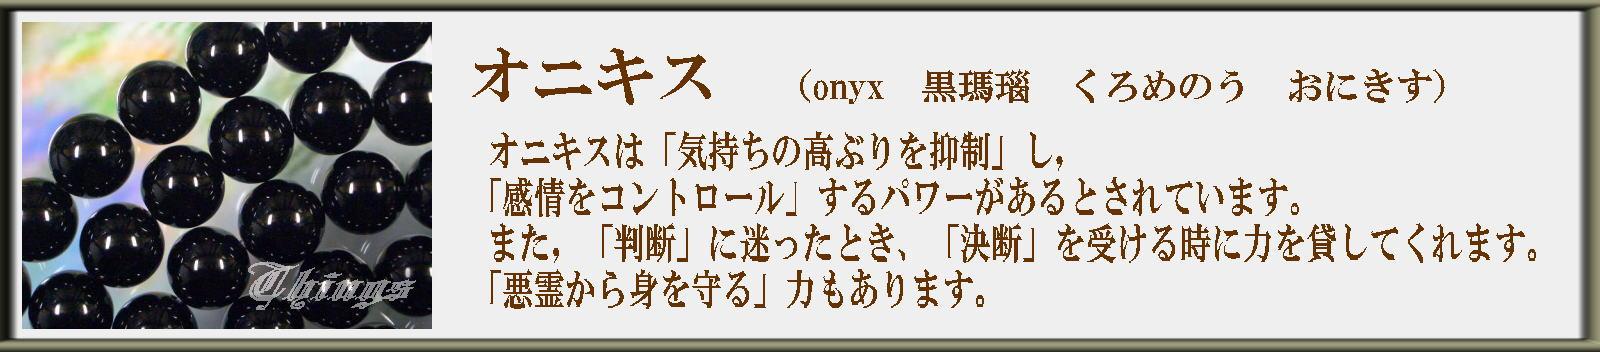 ◆オニキス onyx 黒瑪瑙 くろめのう おにきす◆